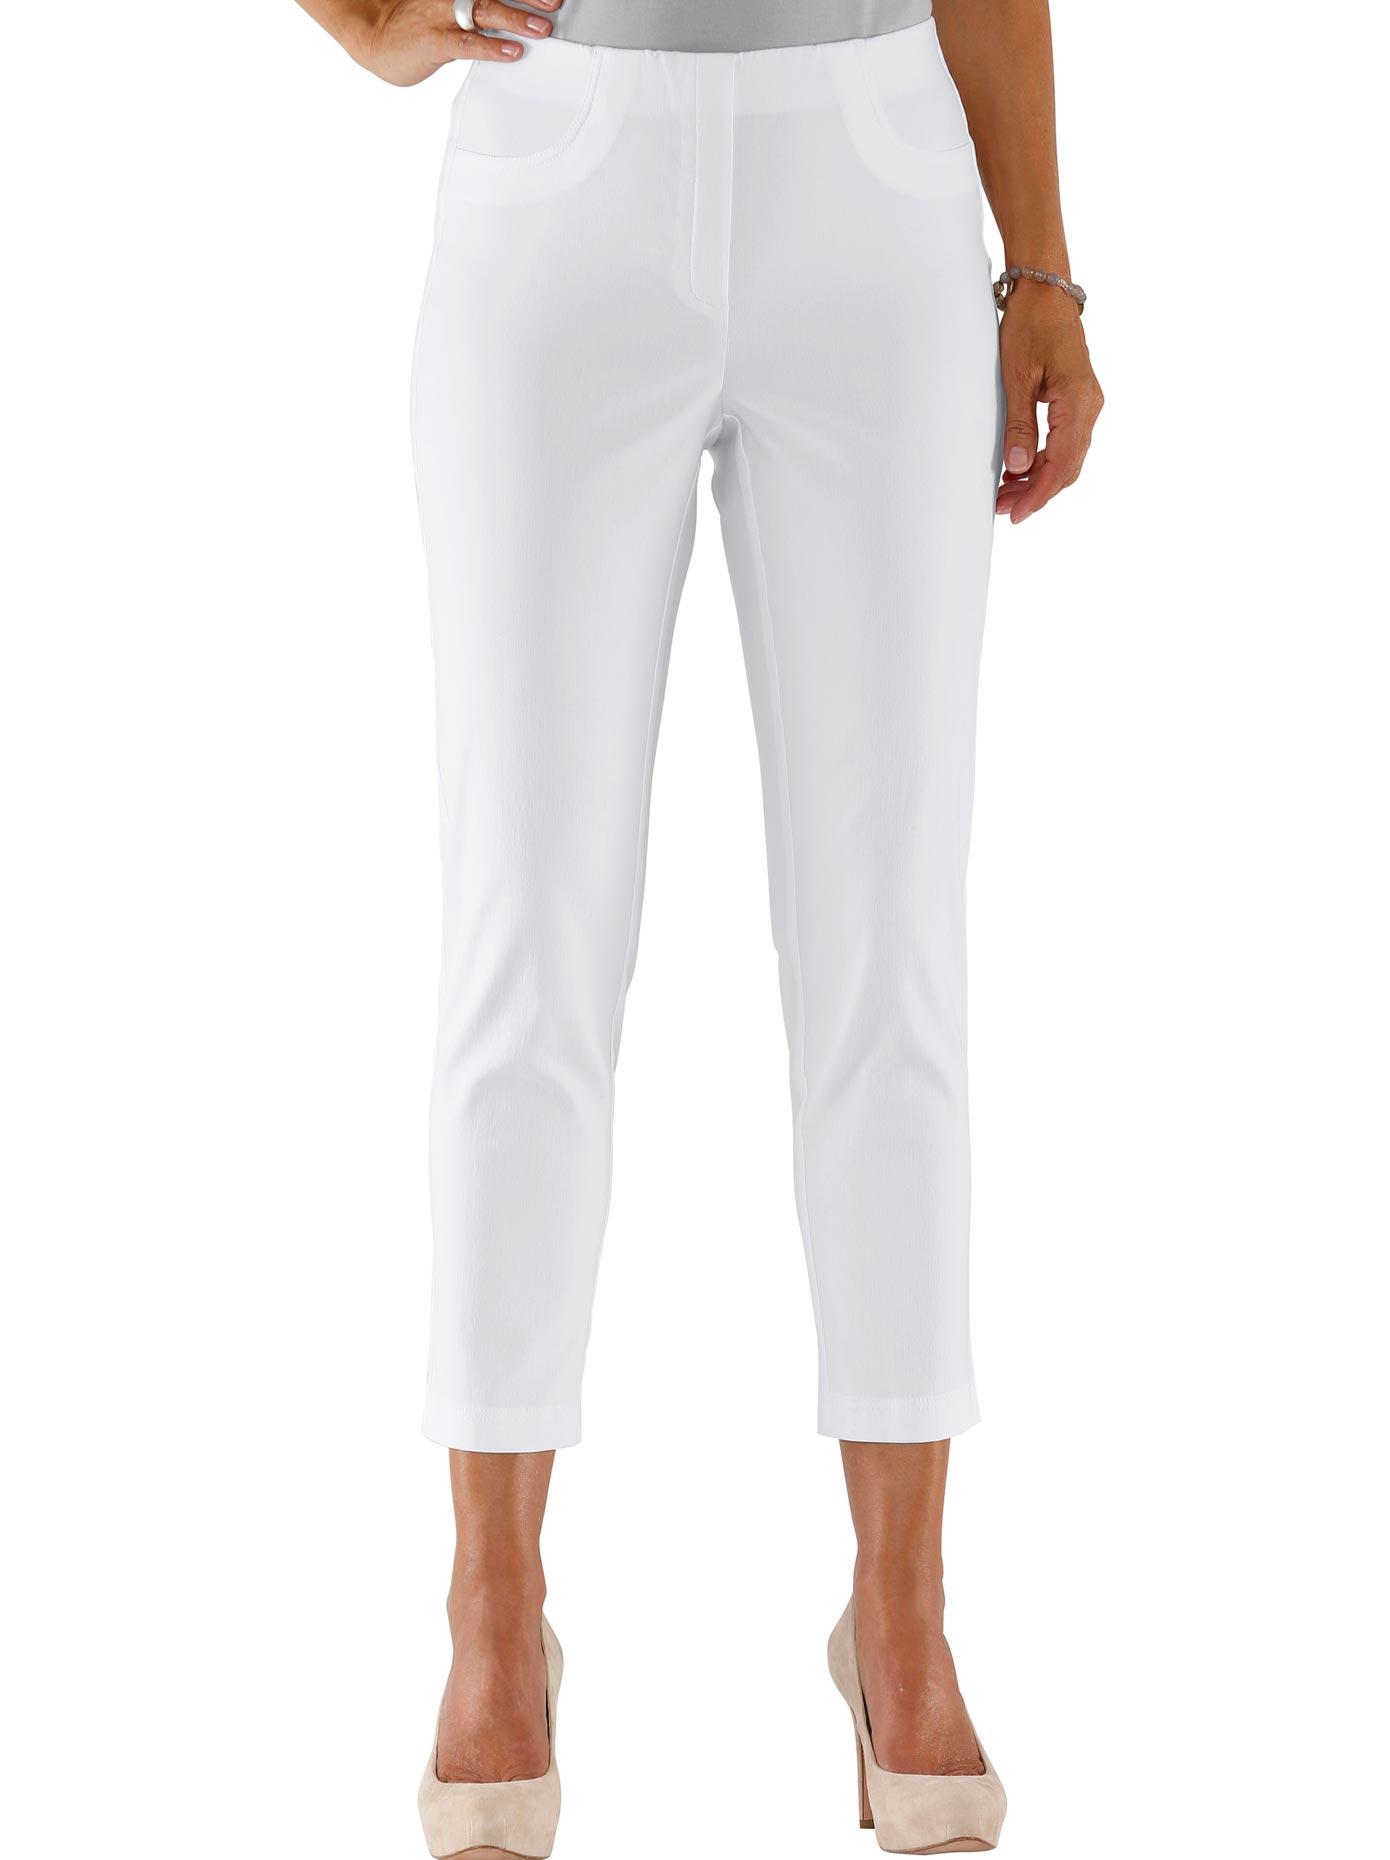 Lady 7/8-Hose in hochwertiger Bengalin-Qualität | Bekleidung > Hosen > 7/8-Hosen | Lady